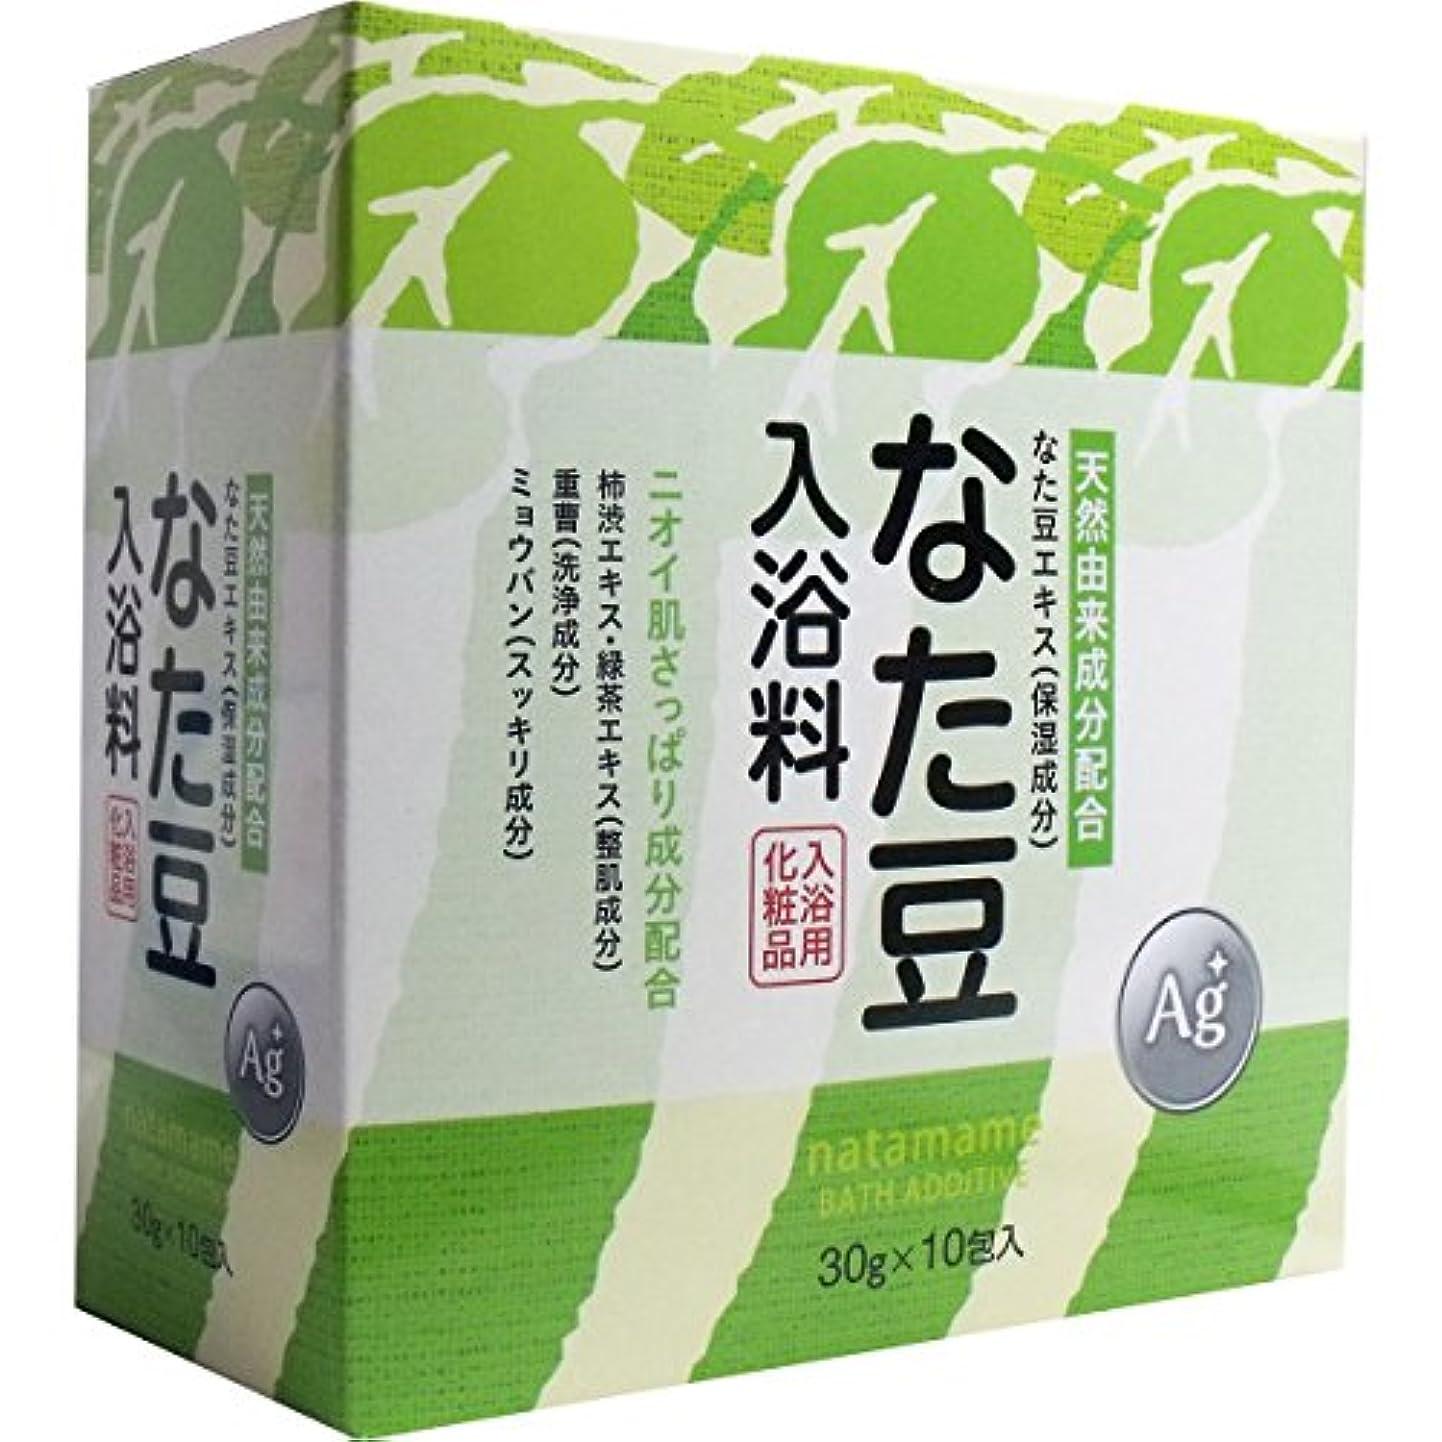 同様に幅促進する天然由来成分配合 なた豆入浴料 入浴用化粧品 30g×10包入